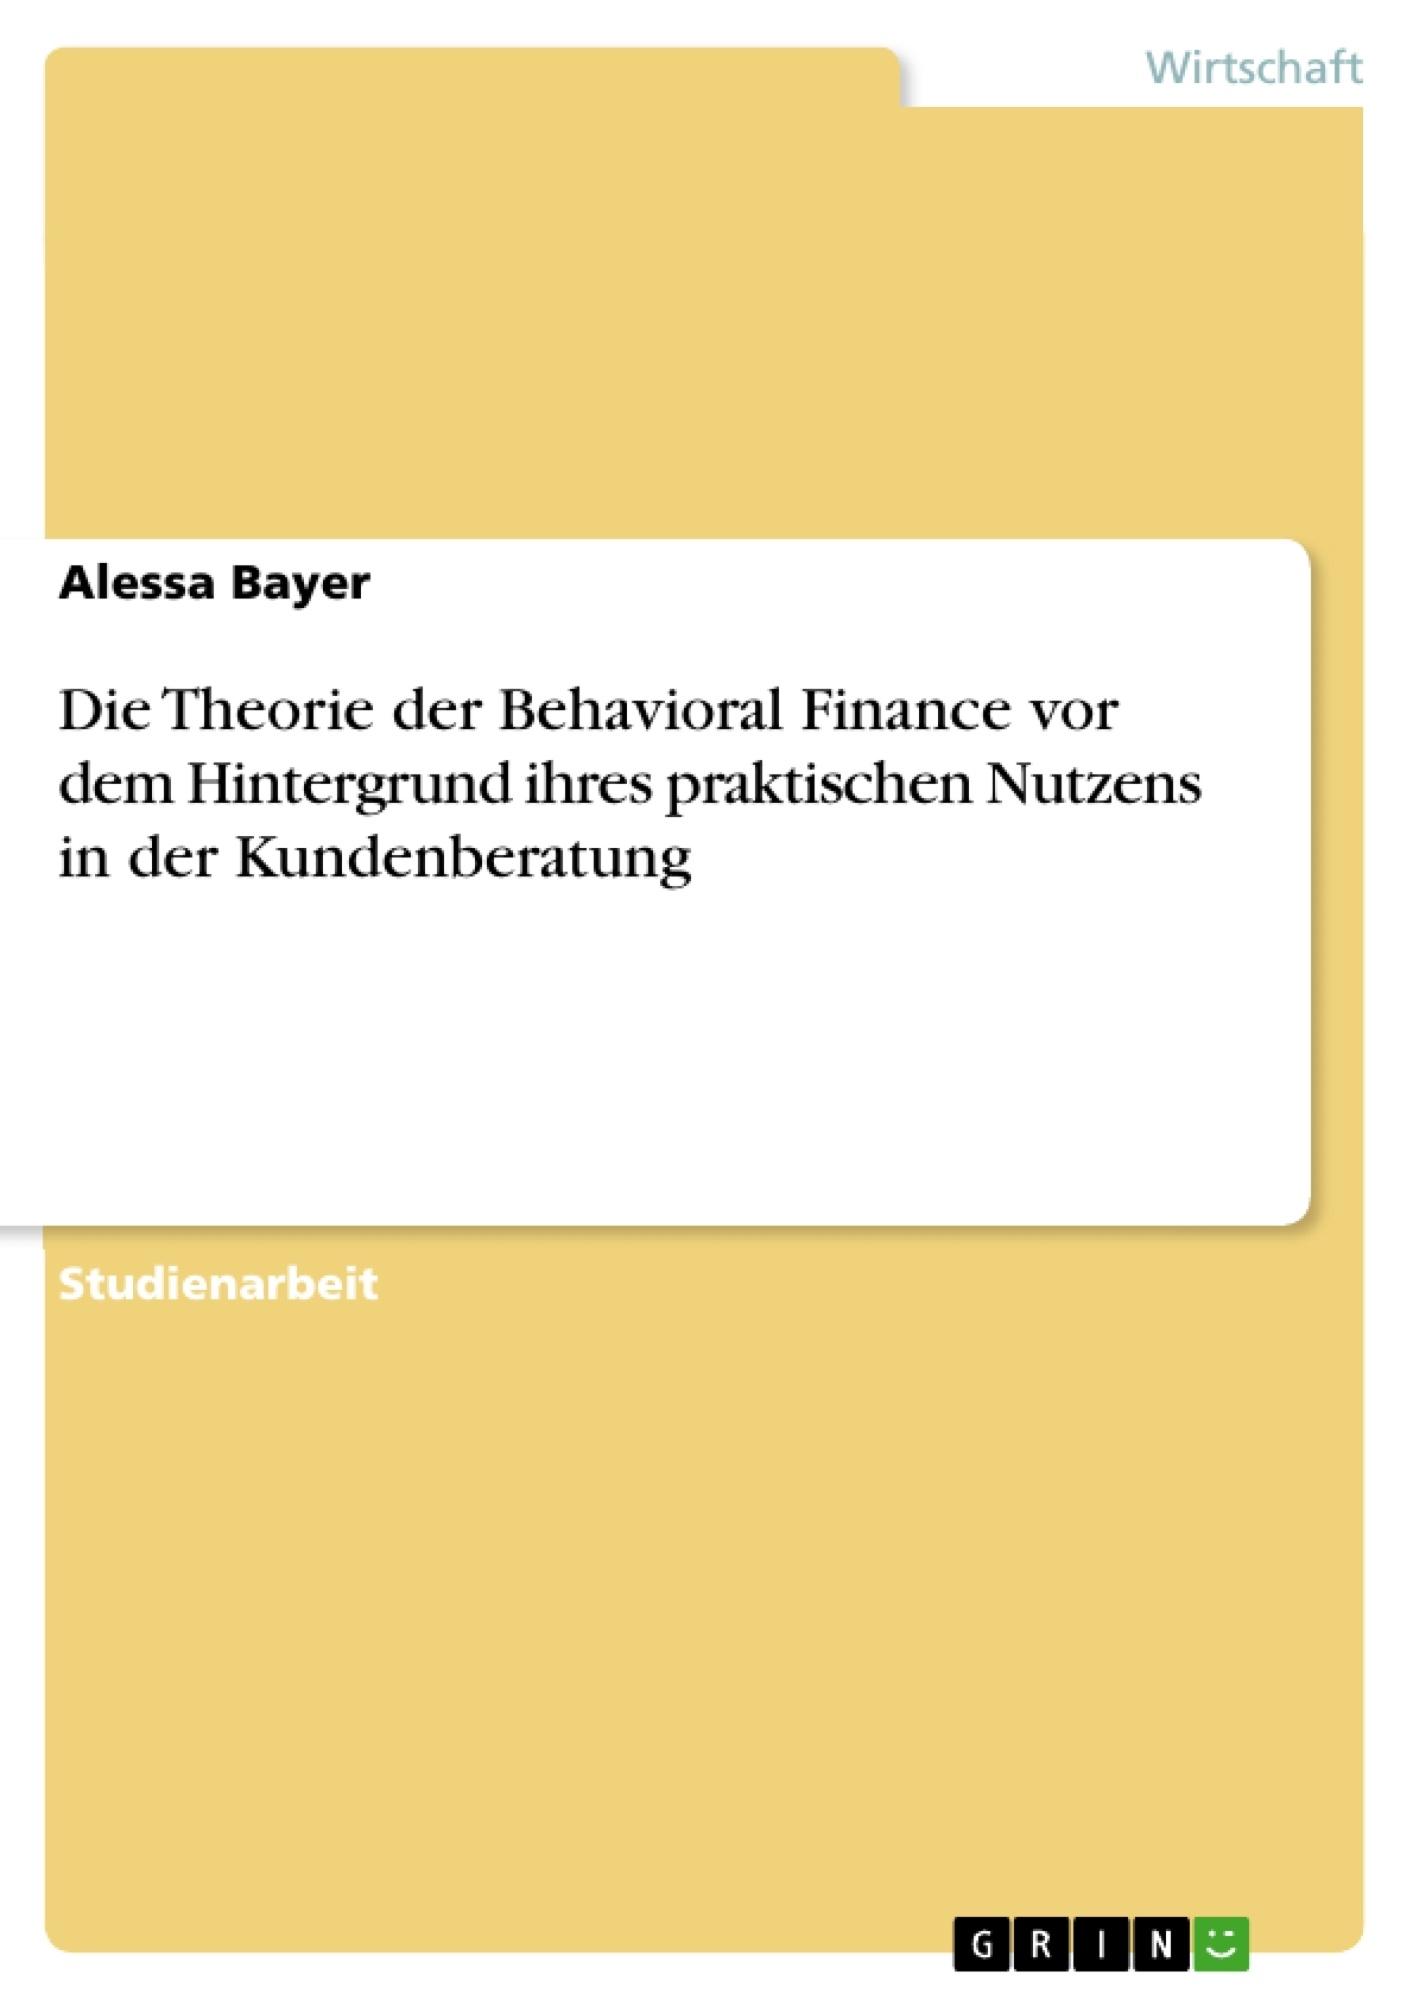 Titel: Die Theorie der Behavioral Finance vor dem Hintergrund ihres praktischen Nutzens in der Kundenberatung